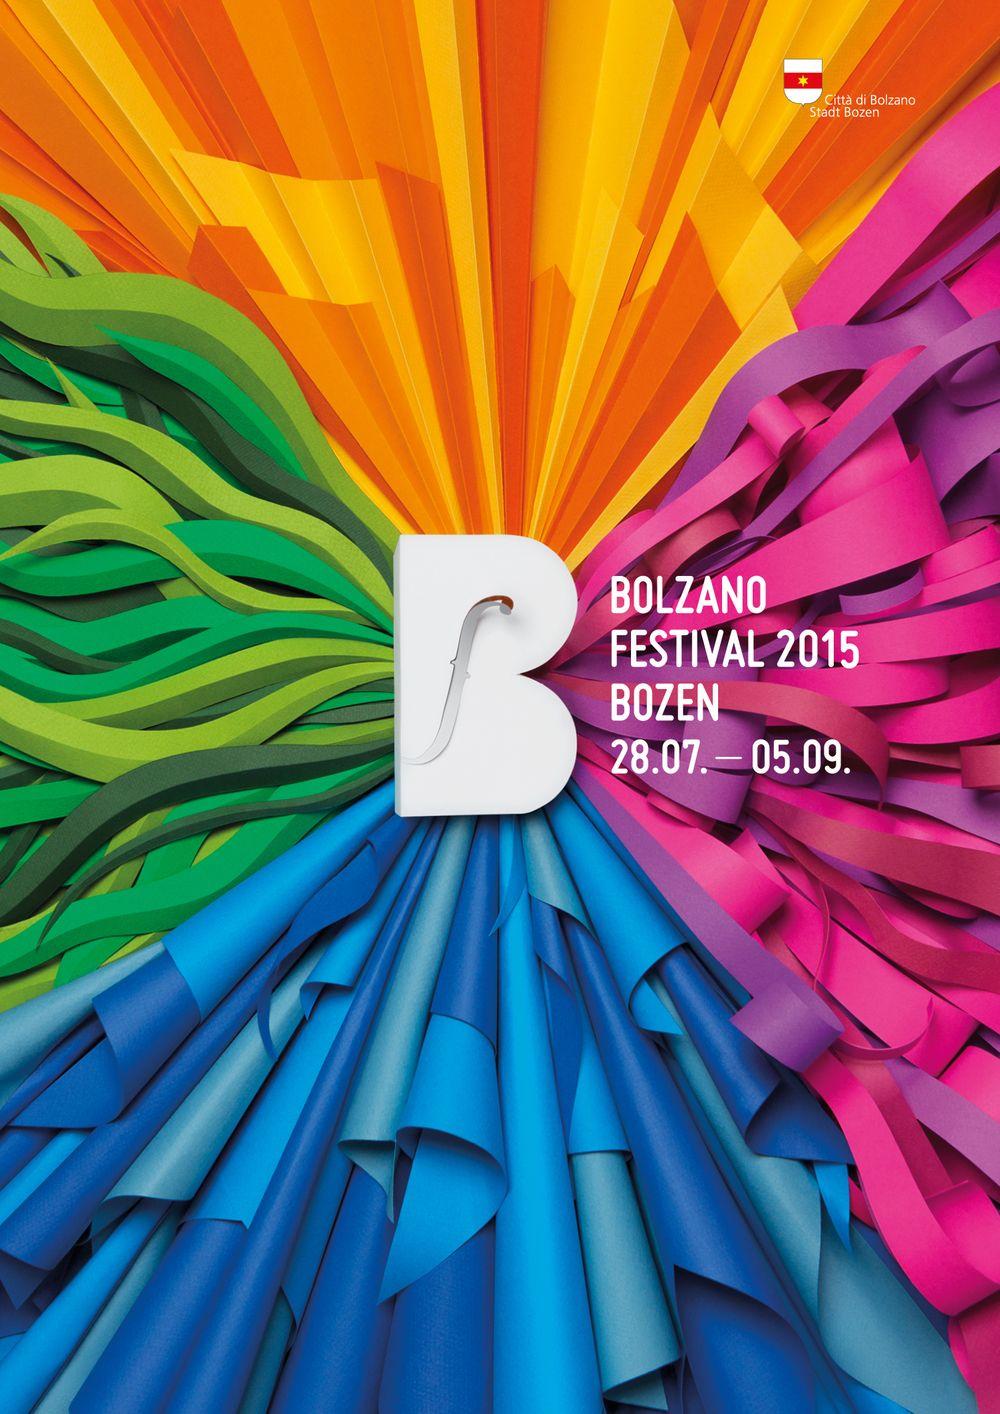 Poster design inspiration 2015 - Bolzano Festival Bozen 2015 On Behance